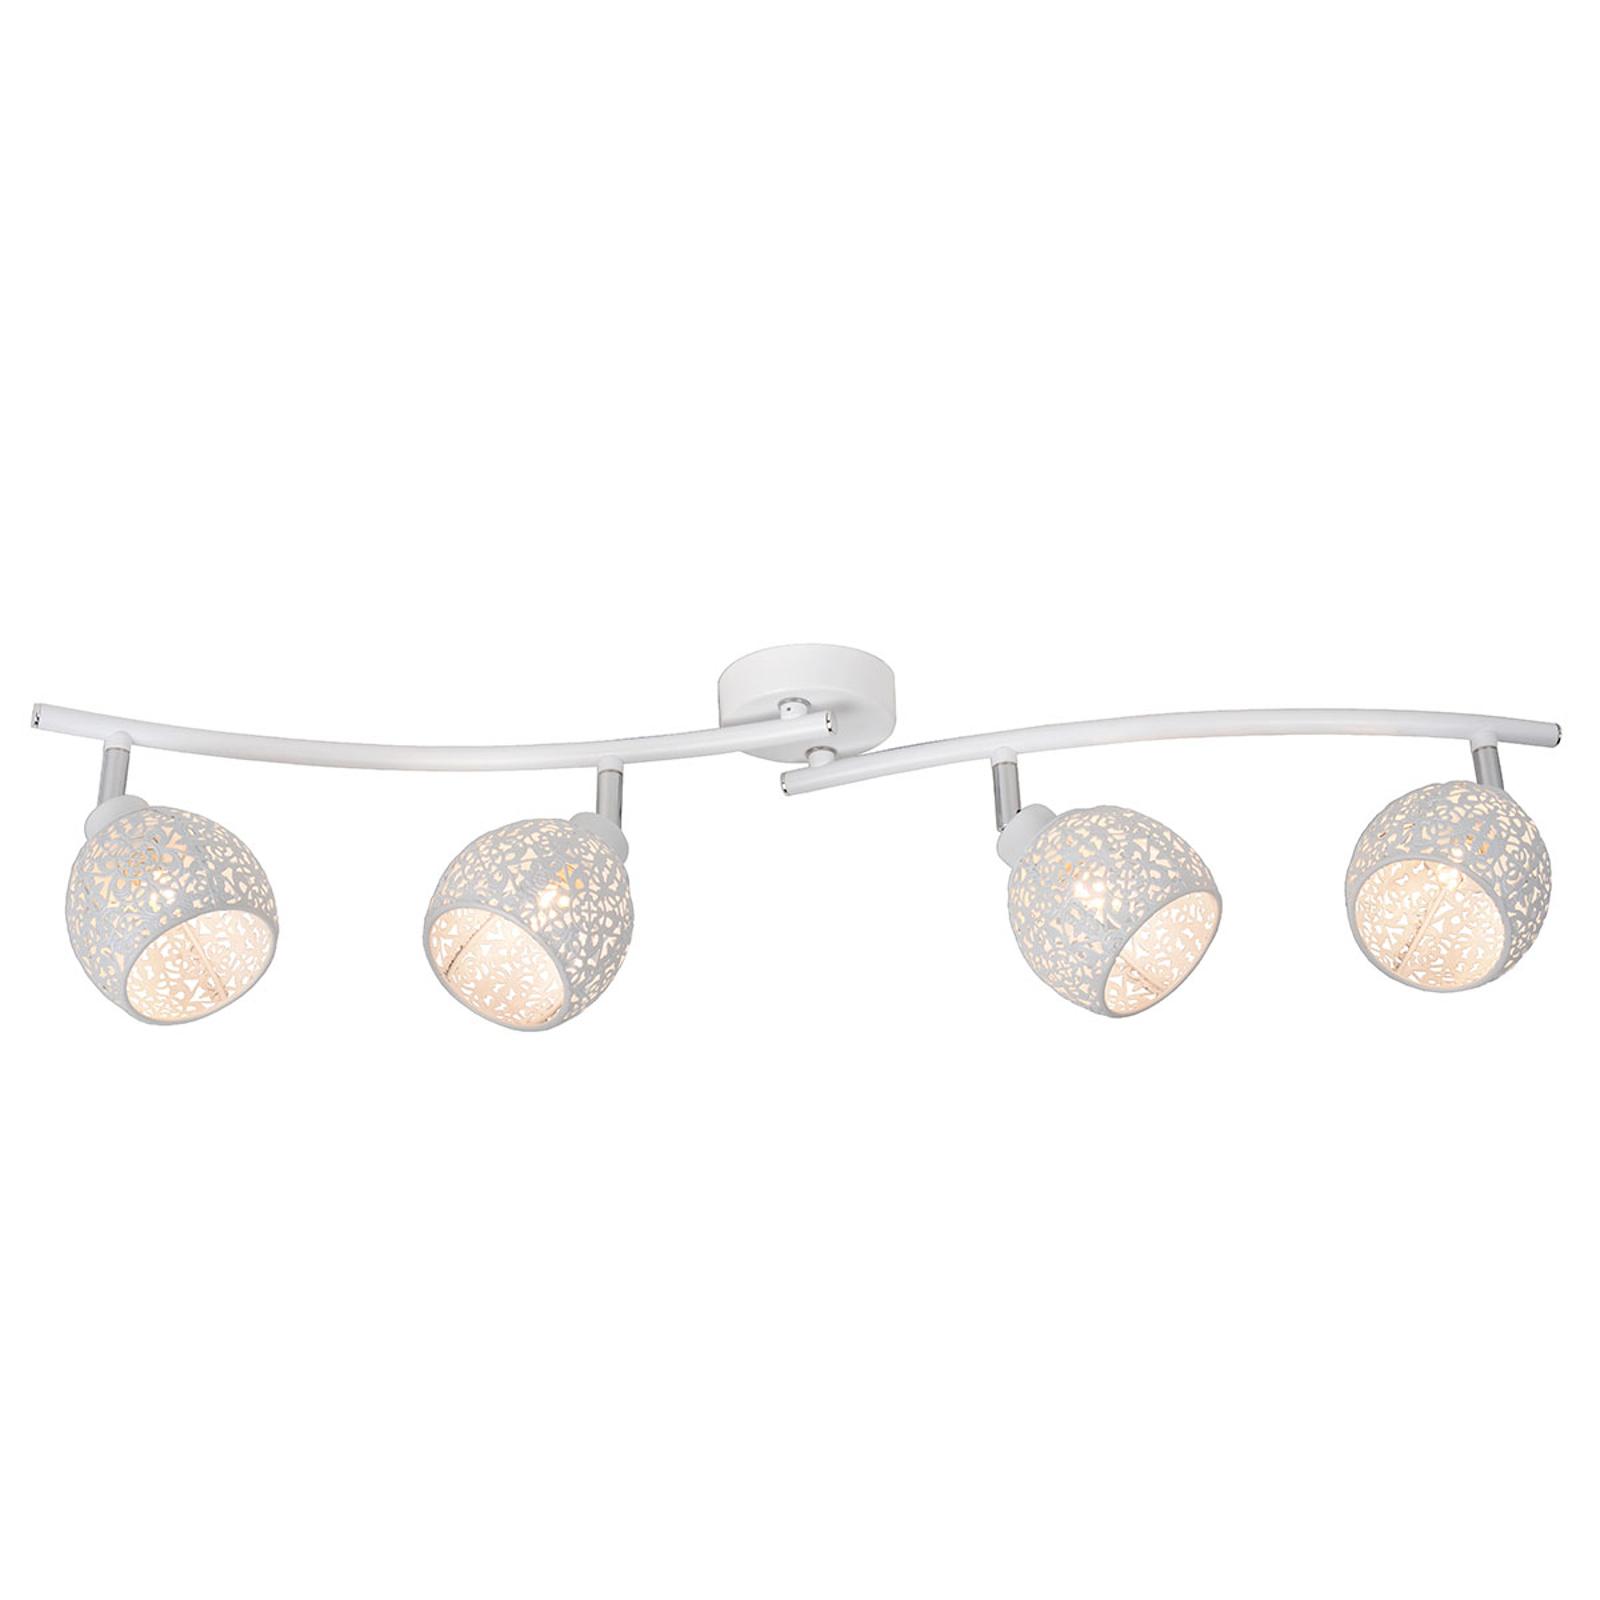 Instelbare plafondlamp Tahar met vier spots